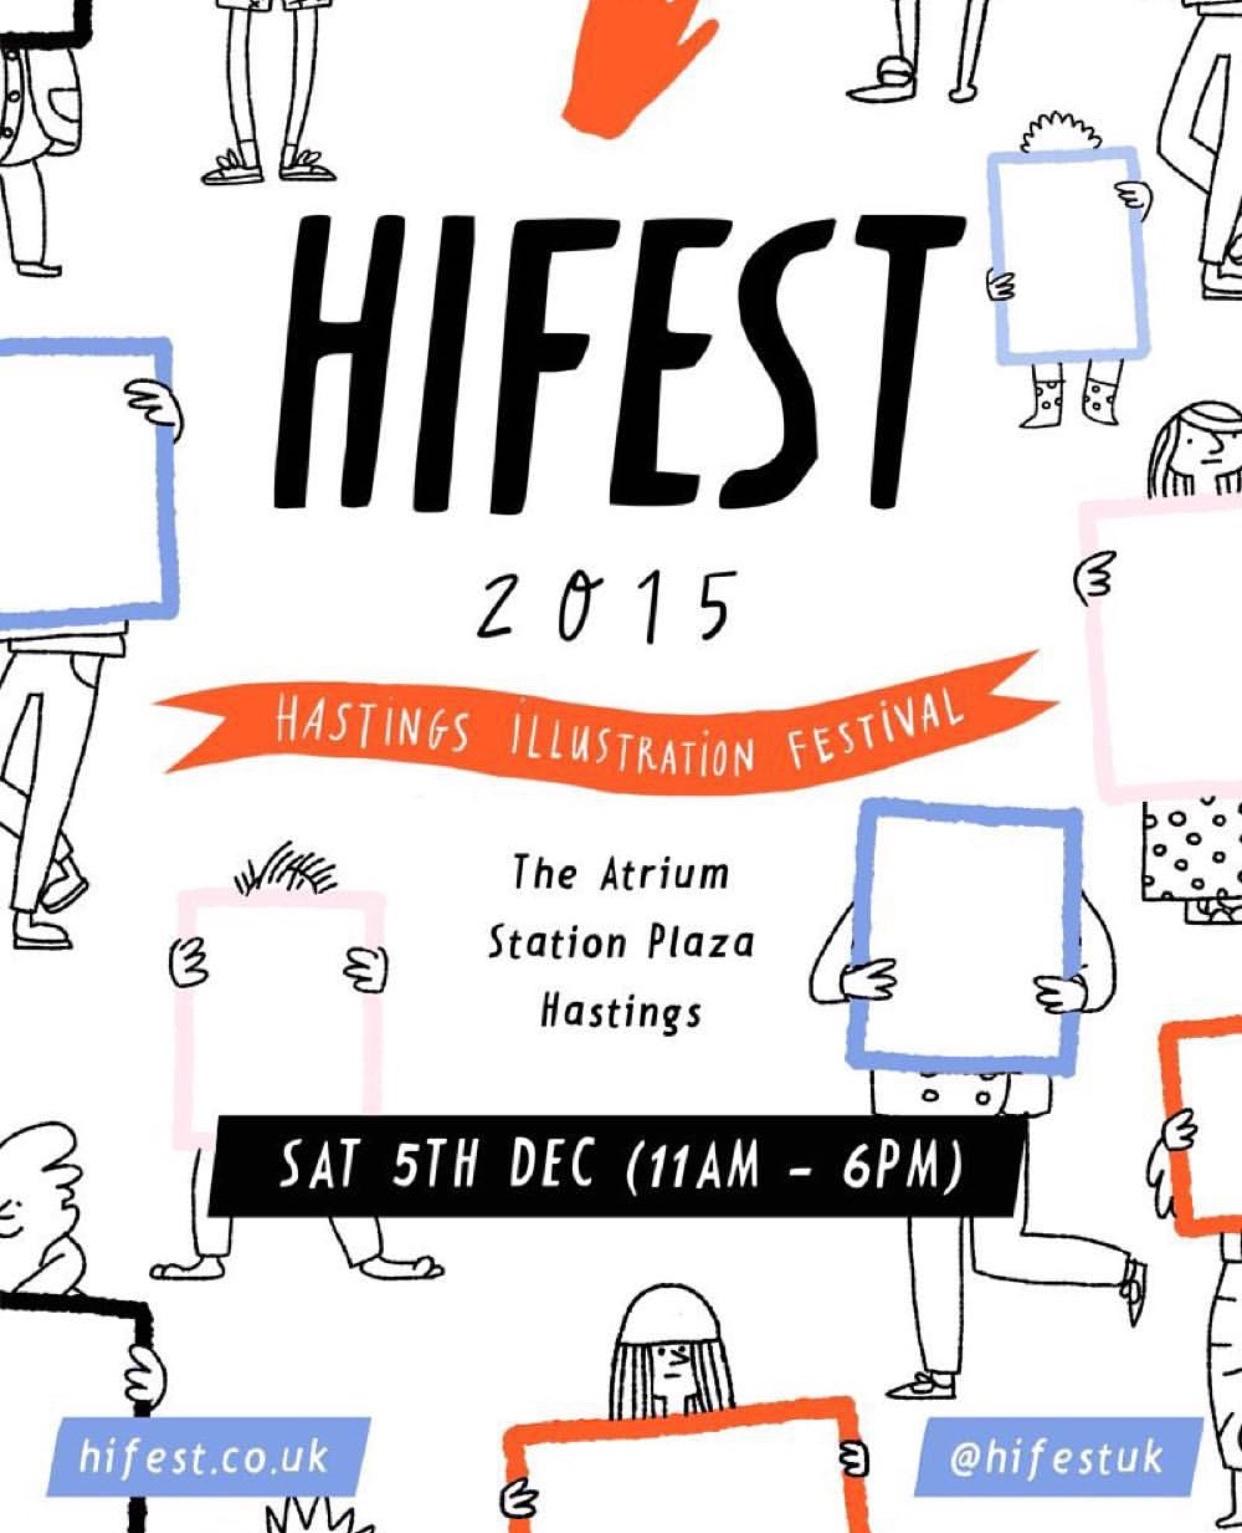 Hifest 2015